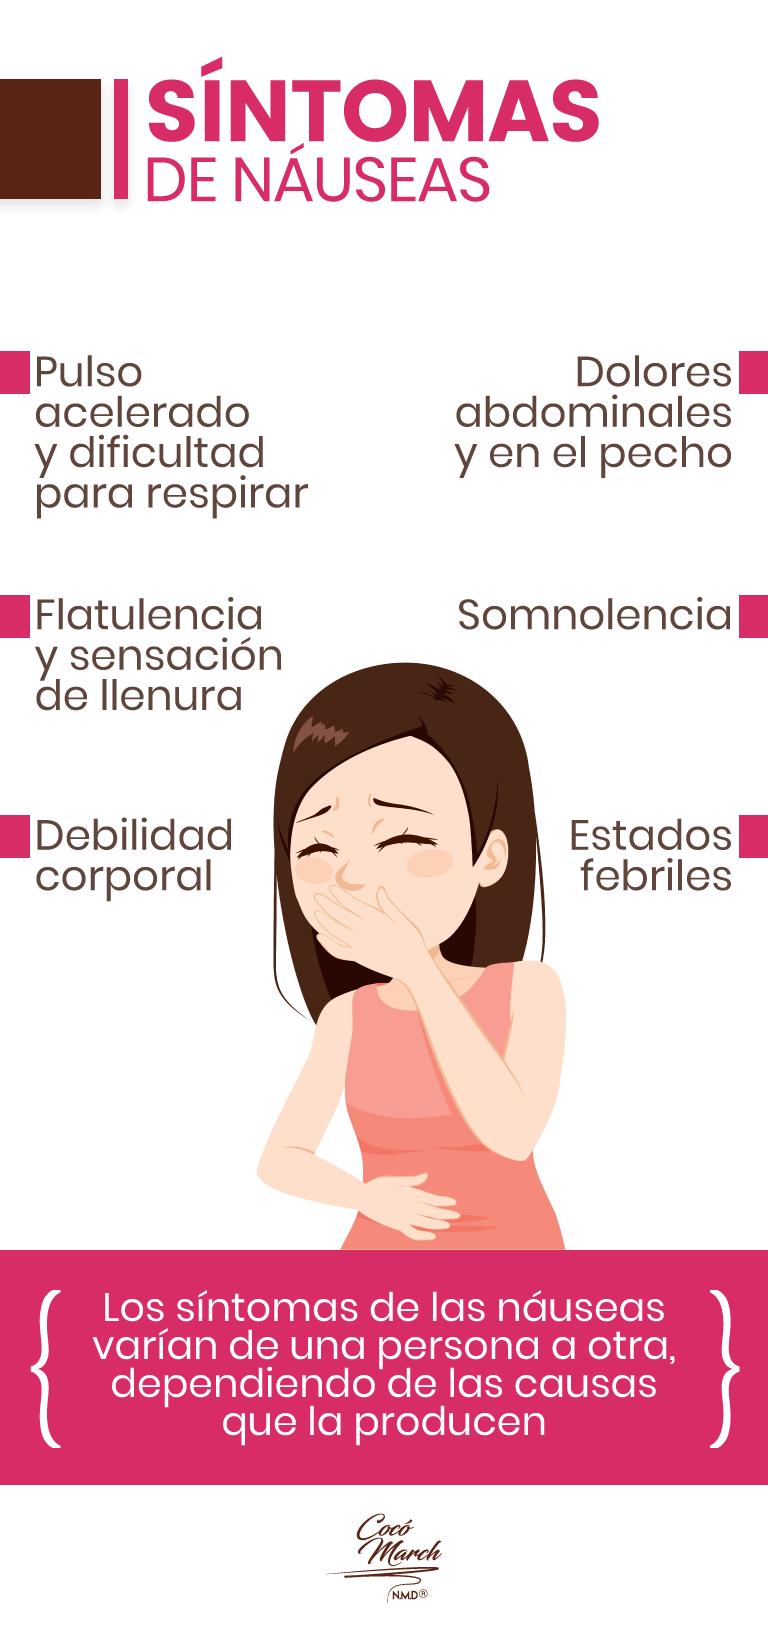 nauseas-sintomas